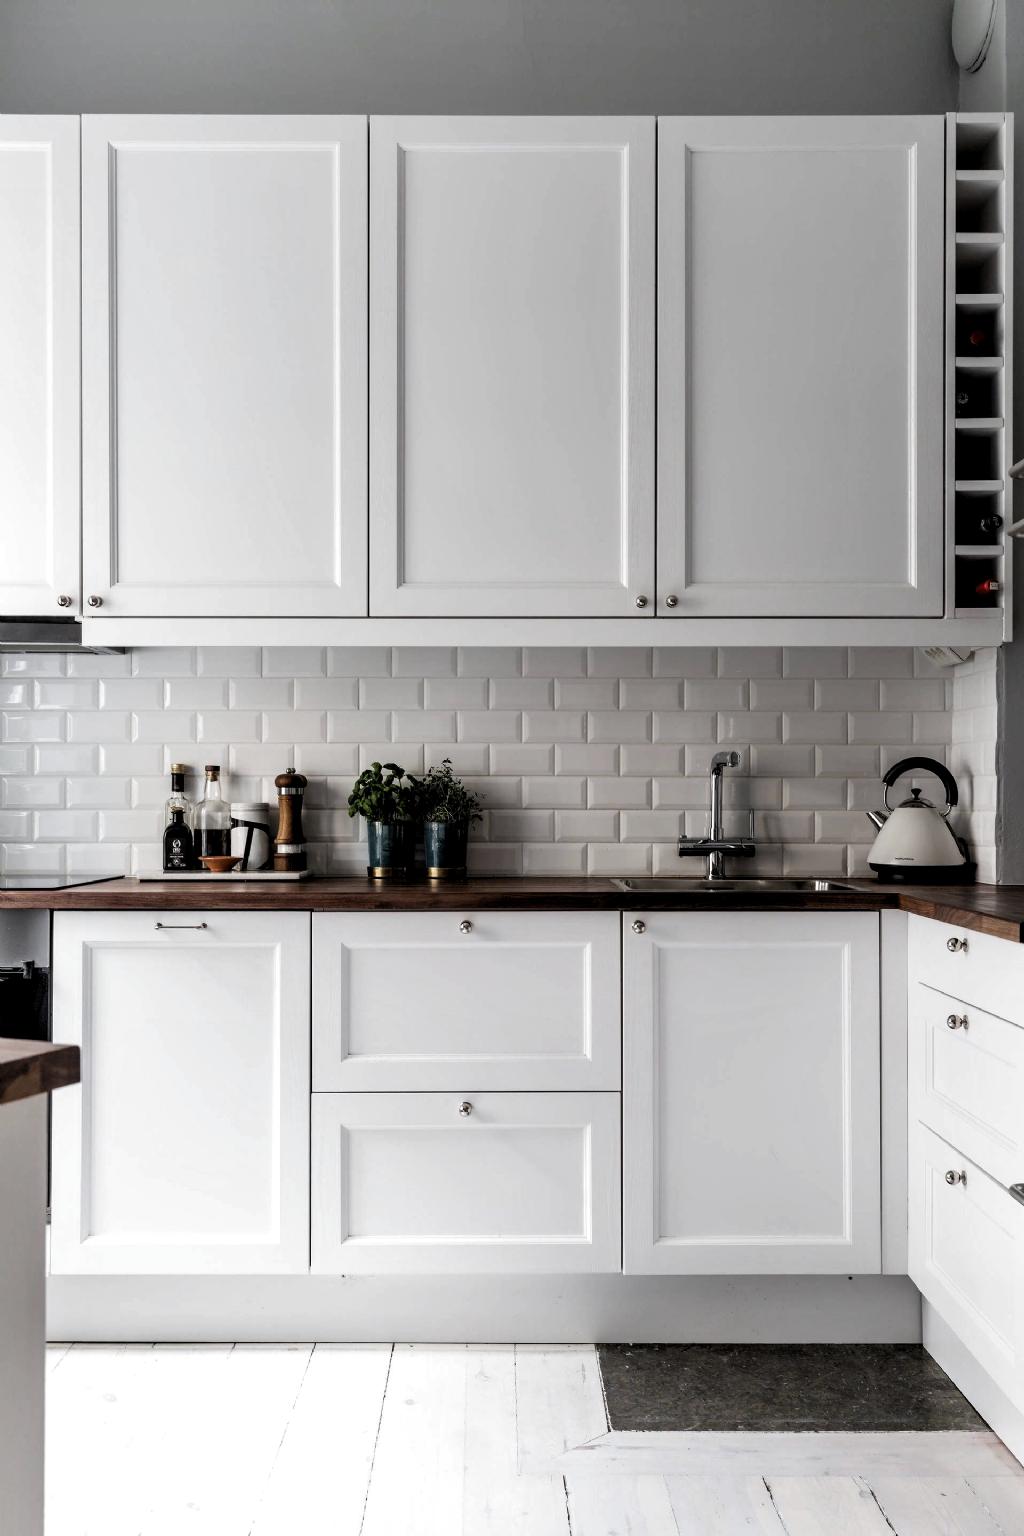 Pin By Reba Simonis On Cocinas In 2020 Apartment Interior Design Home Decor Kitchen House Beautiful Magazine Kitchen